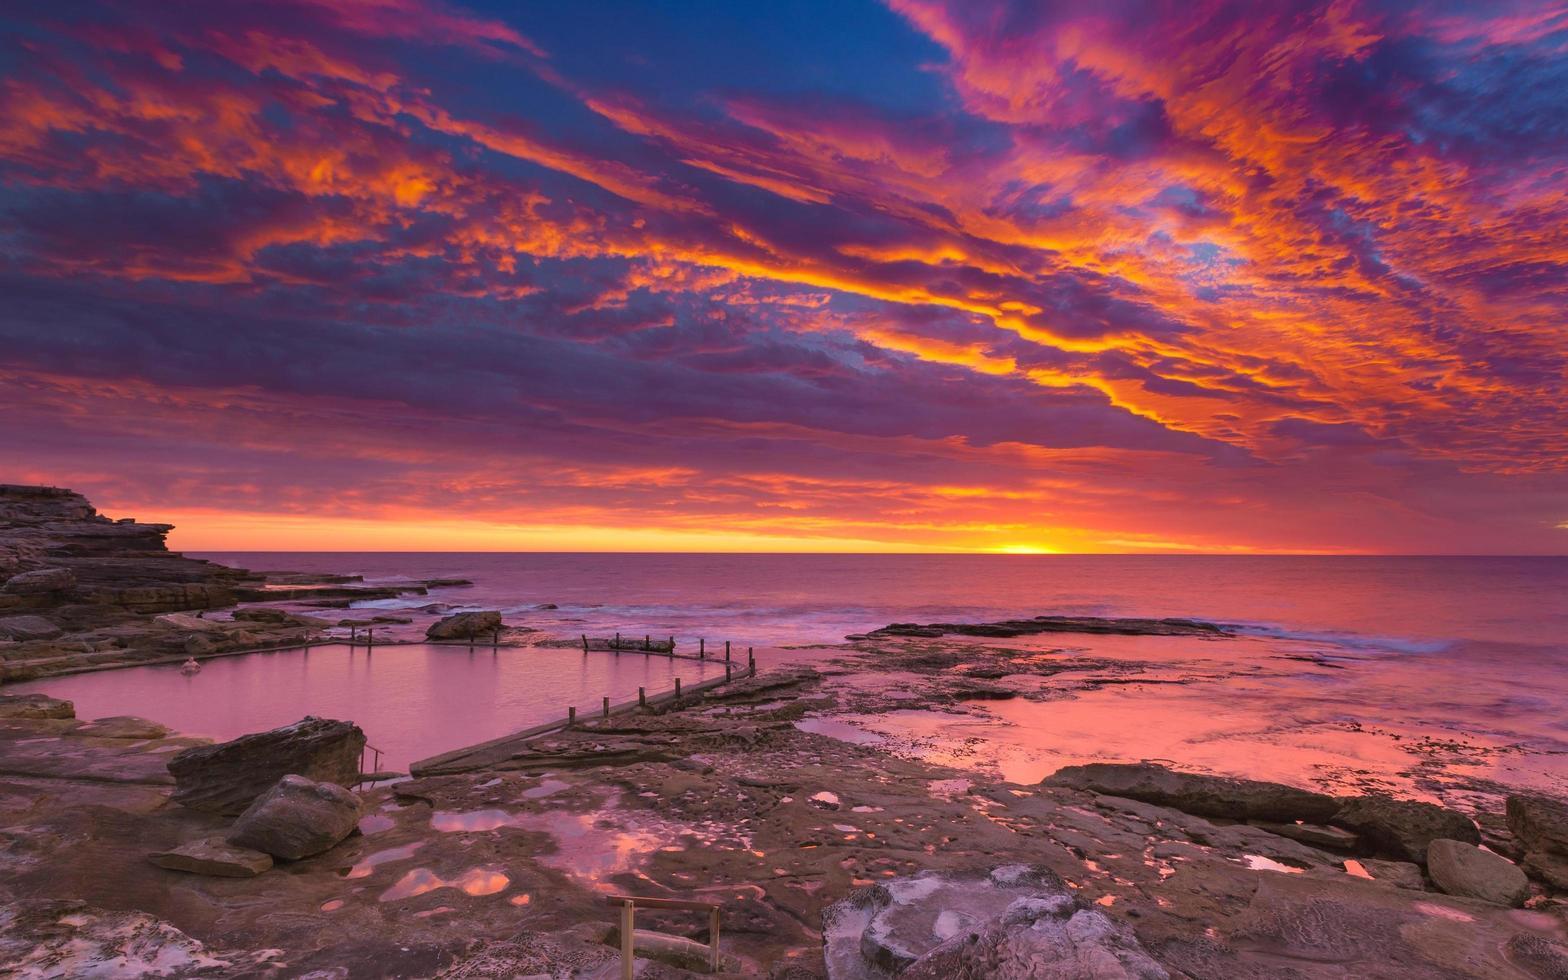 rosa solnedgång och himmel foto